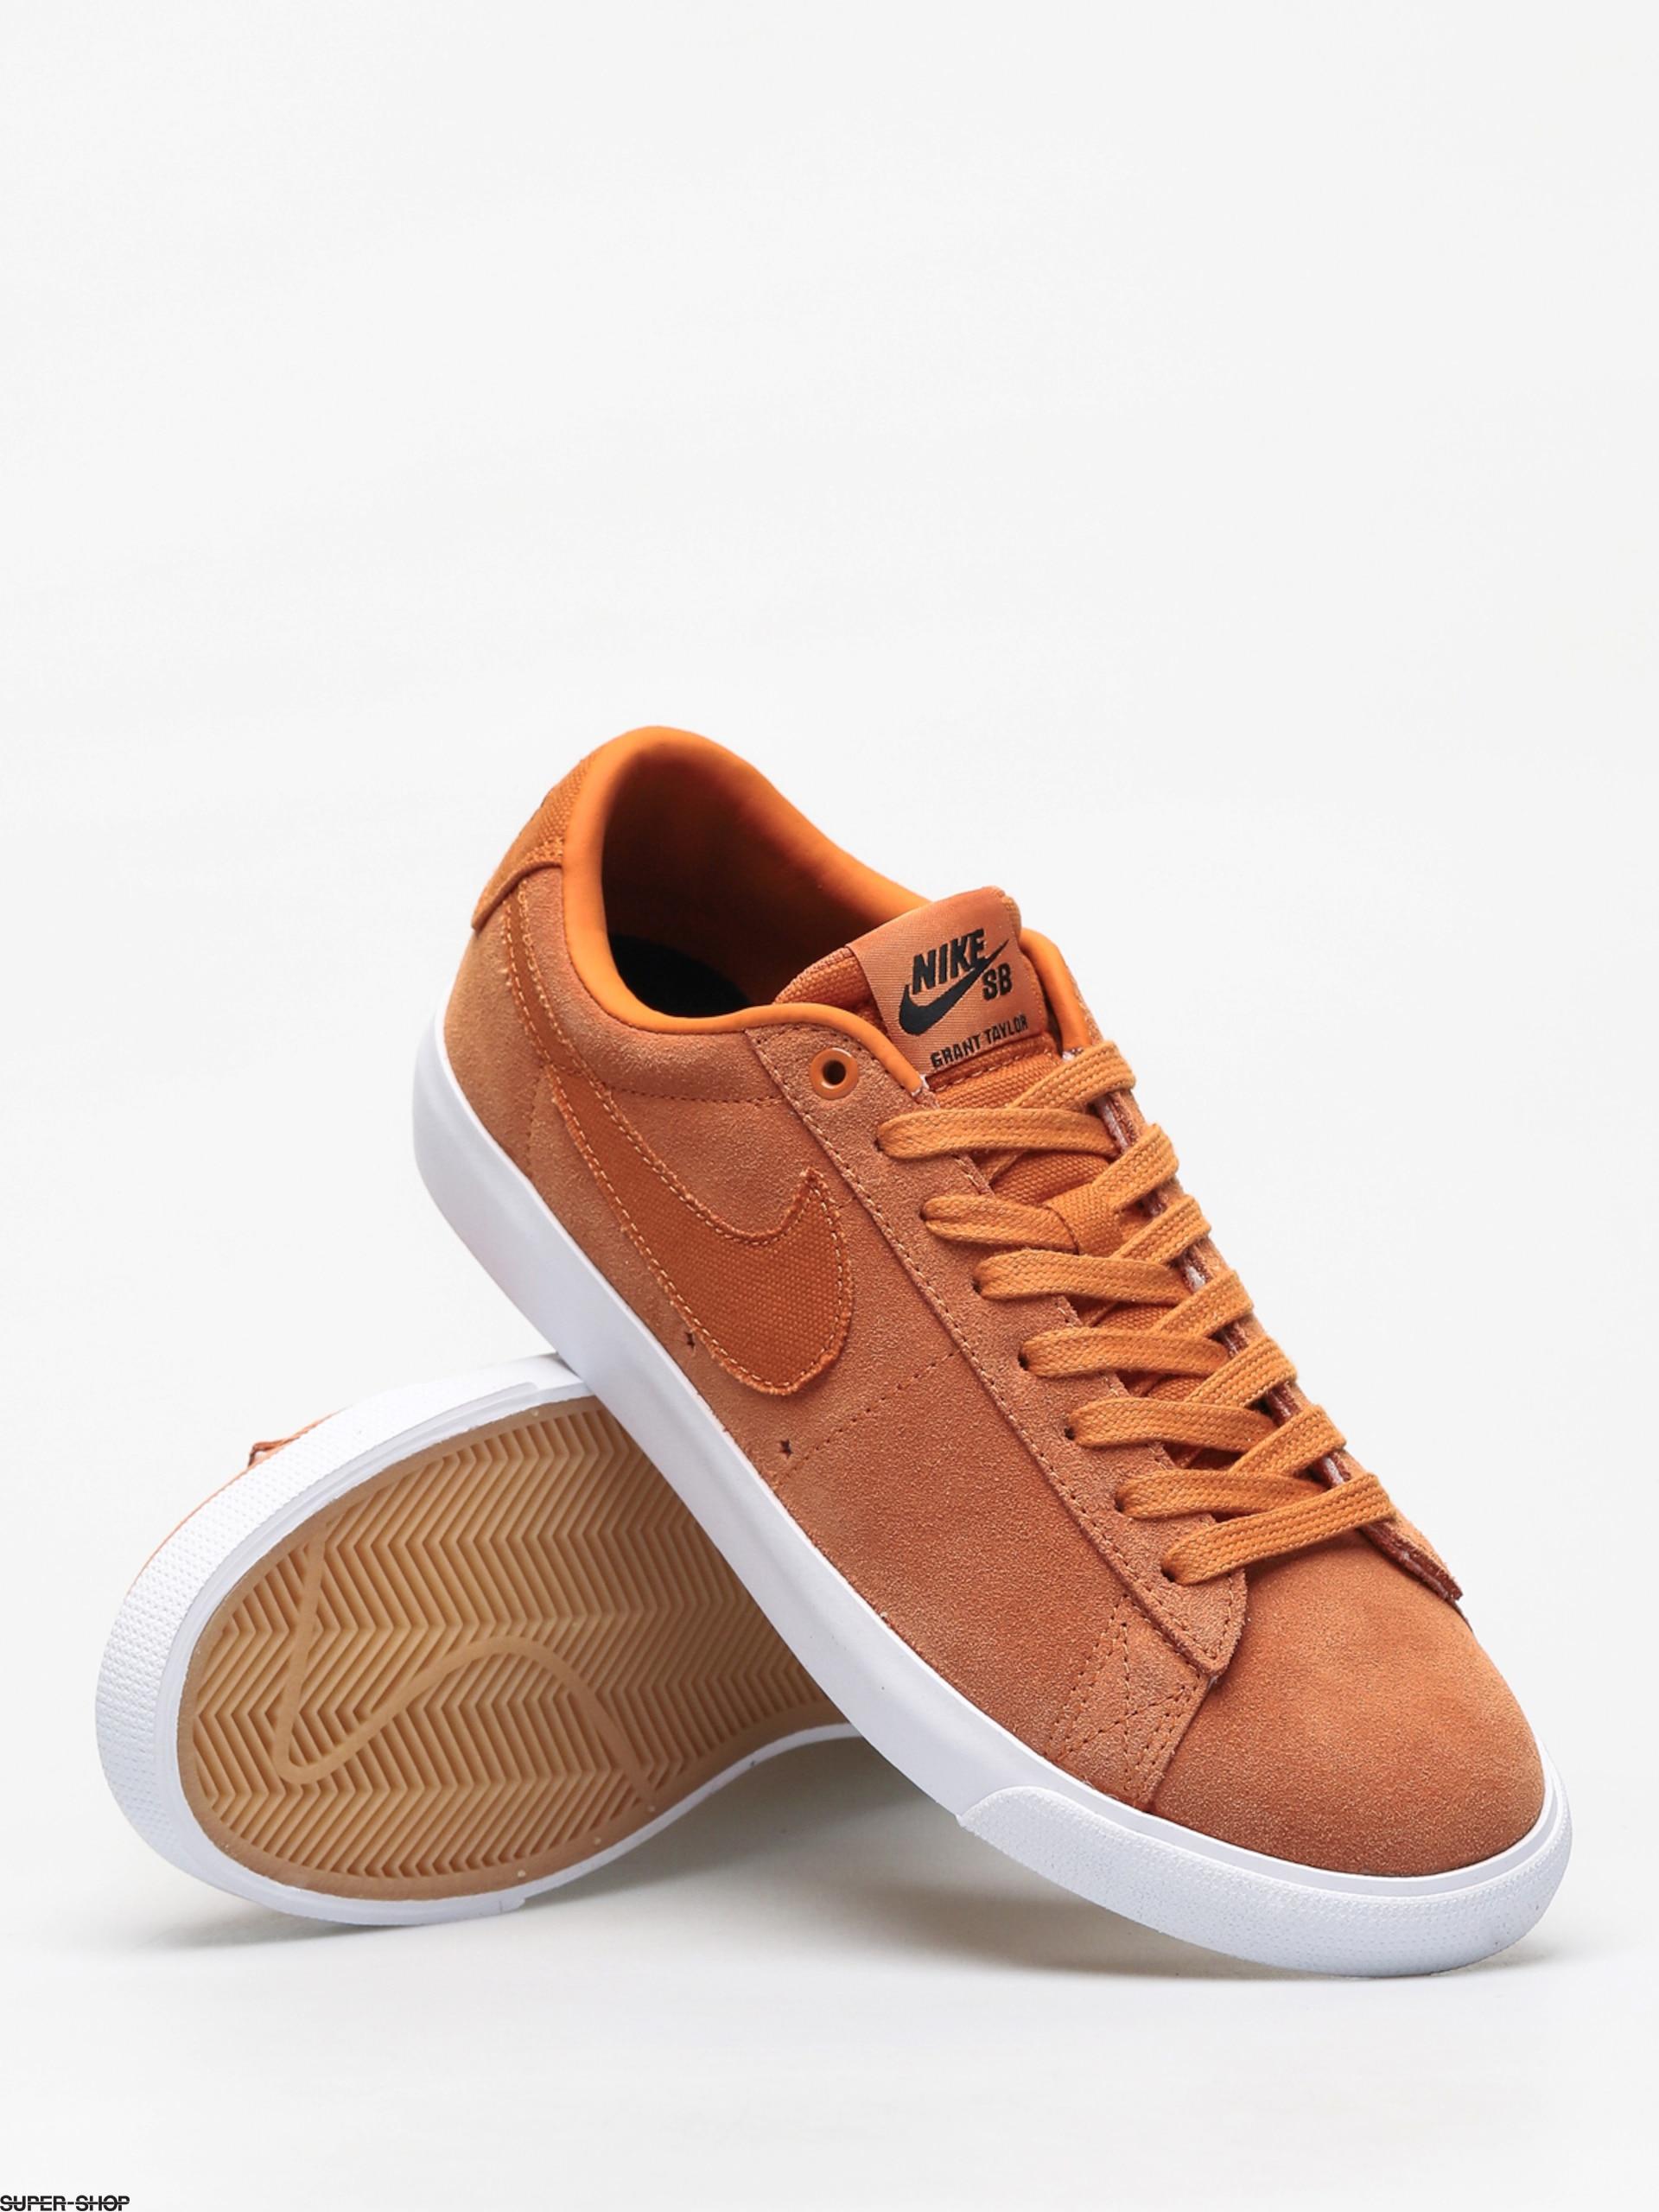 Nike SB Blazer Low Gt Shoes (cinder orange/cinder orange obsidian)